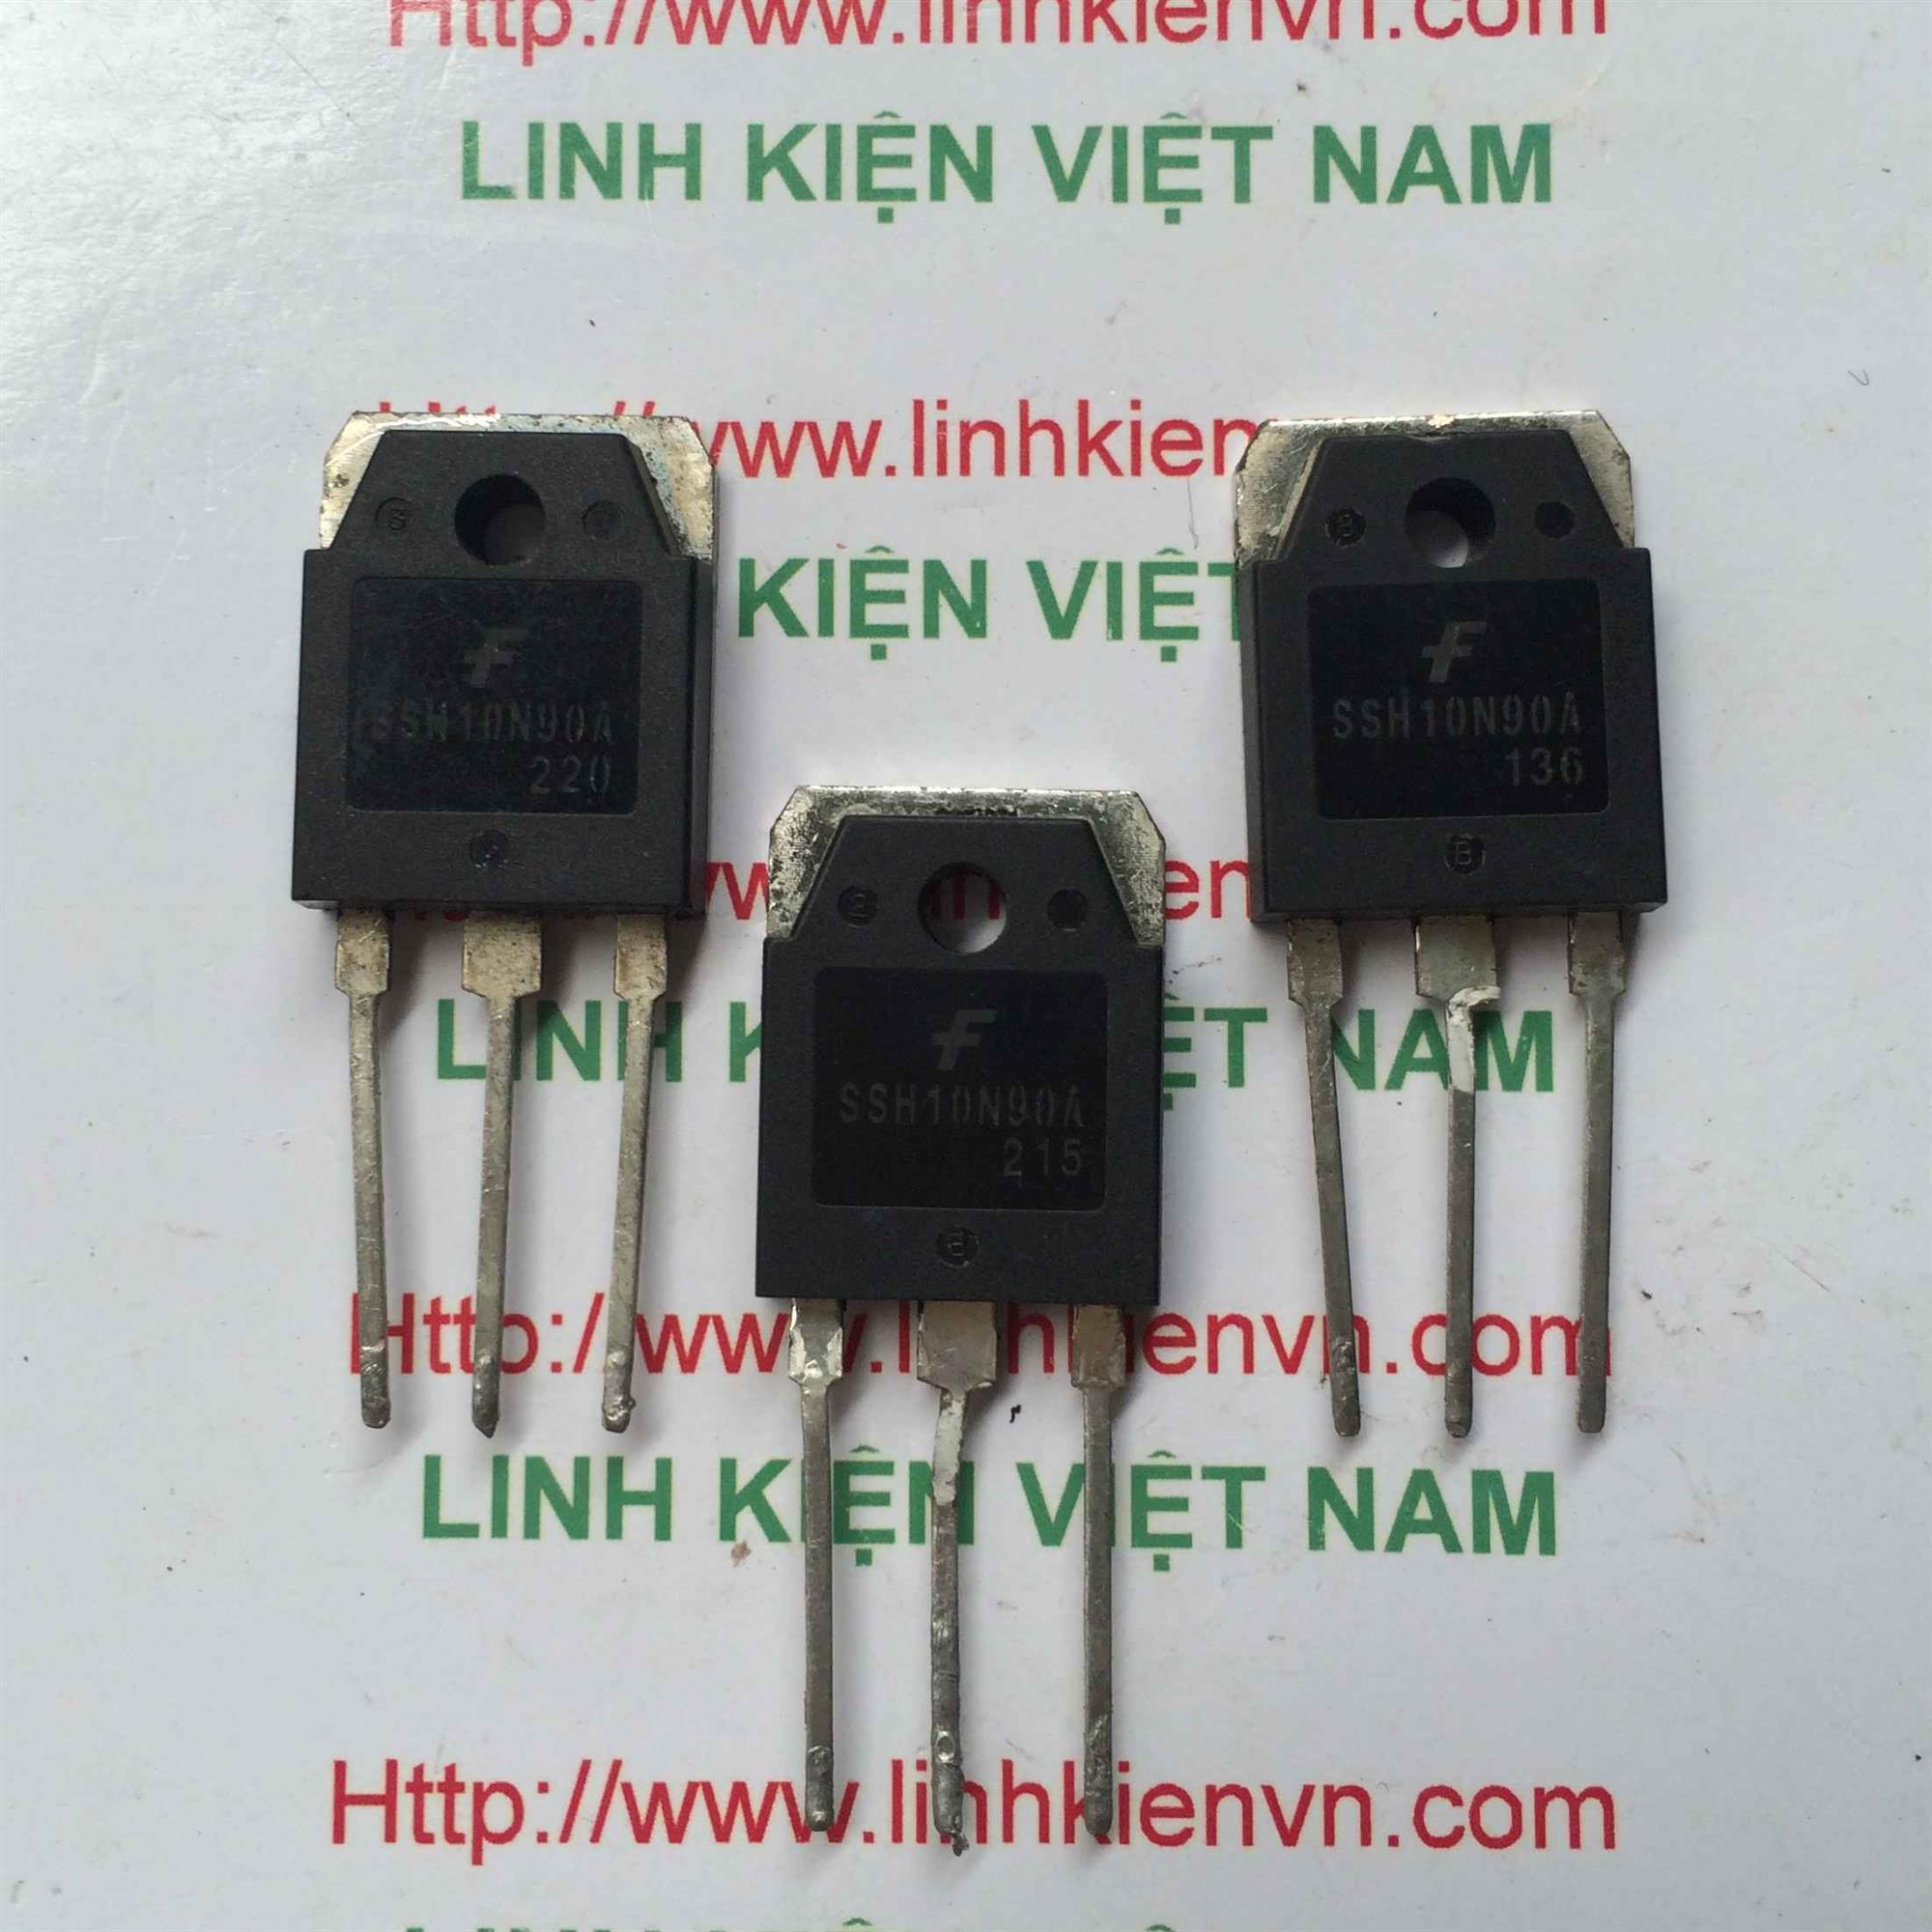 Mosfet kênh N 10N90 900V 10A - Hàng Cũ - G4H2